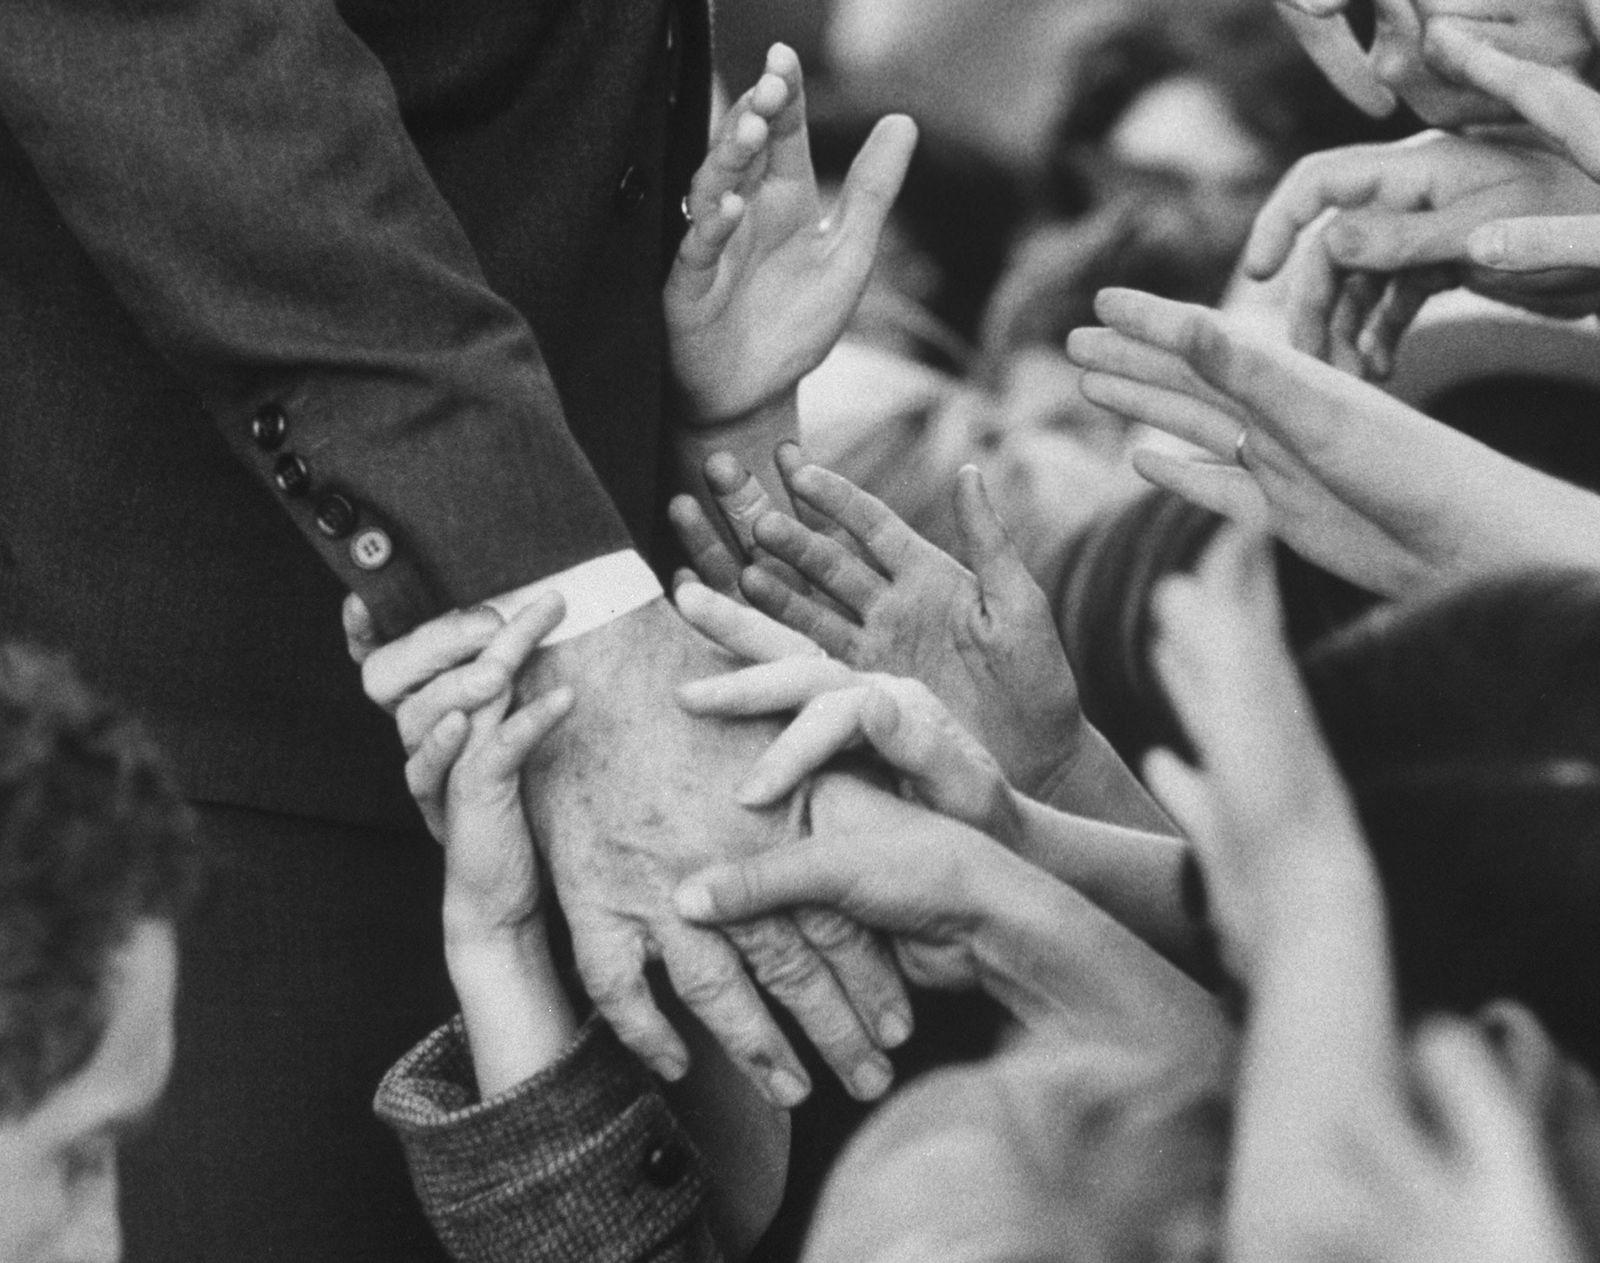 Pourquoi est-ce si difficile d'arrêter de se serrer la main ?